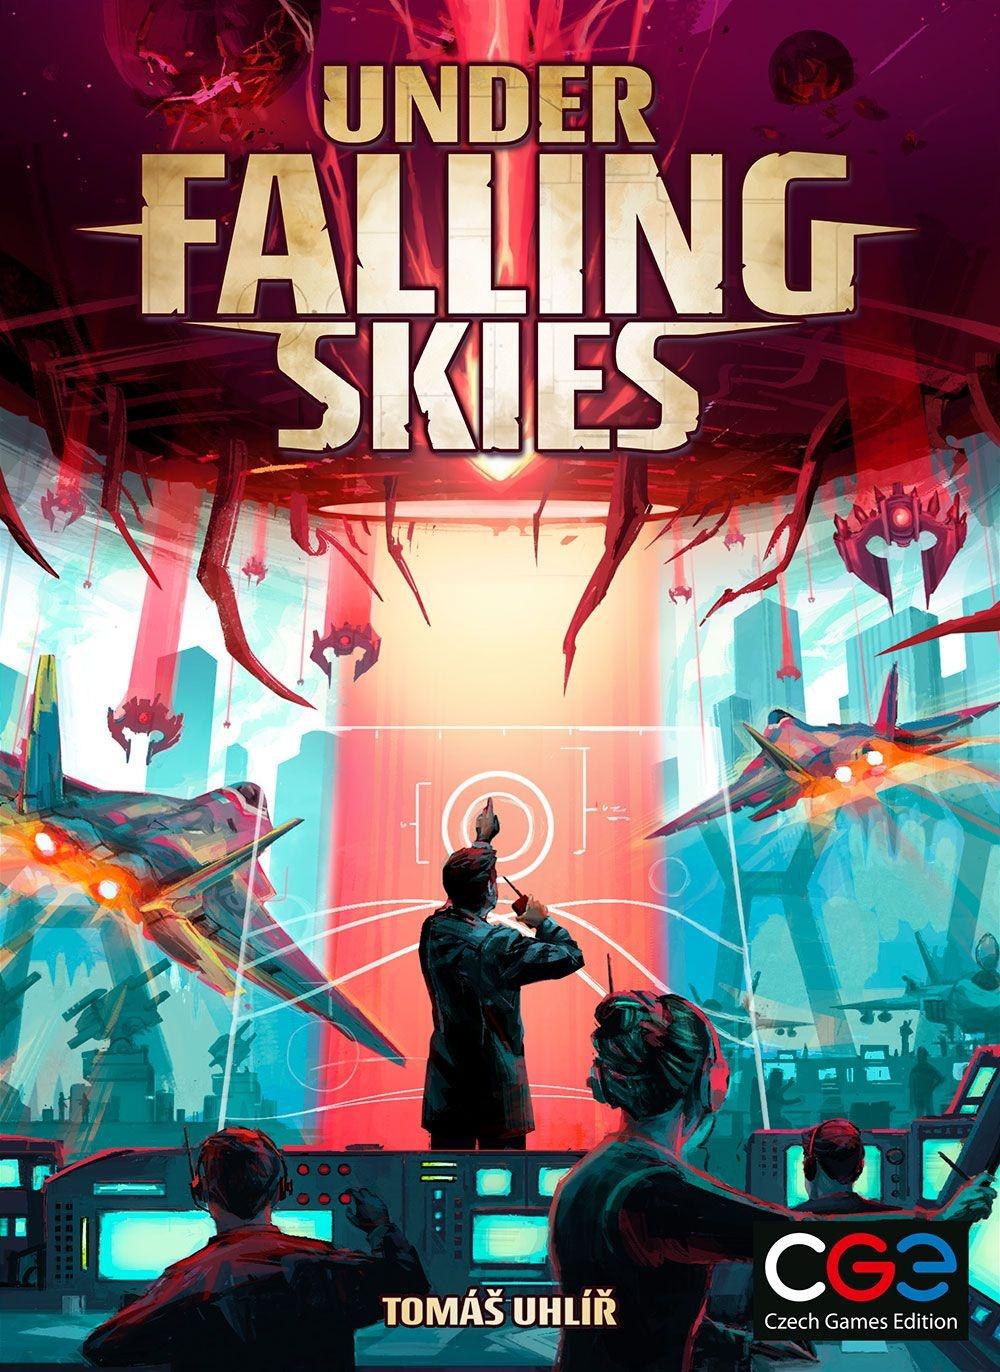 Comprar Under Falling Skies al mejor precio - Comparador de precios de  juegos - Muevecubos.com